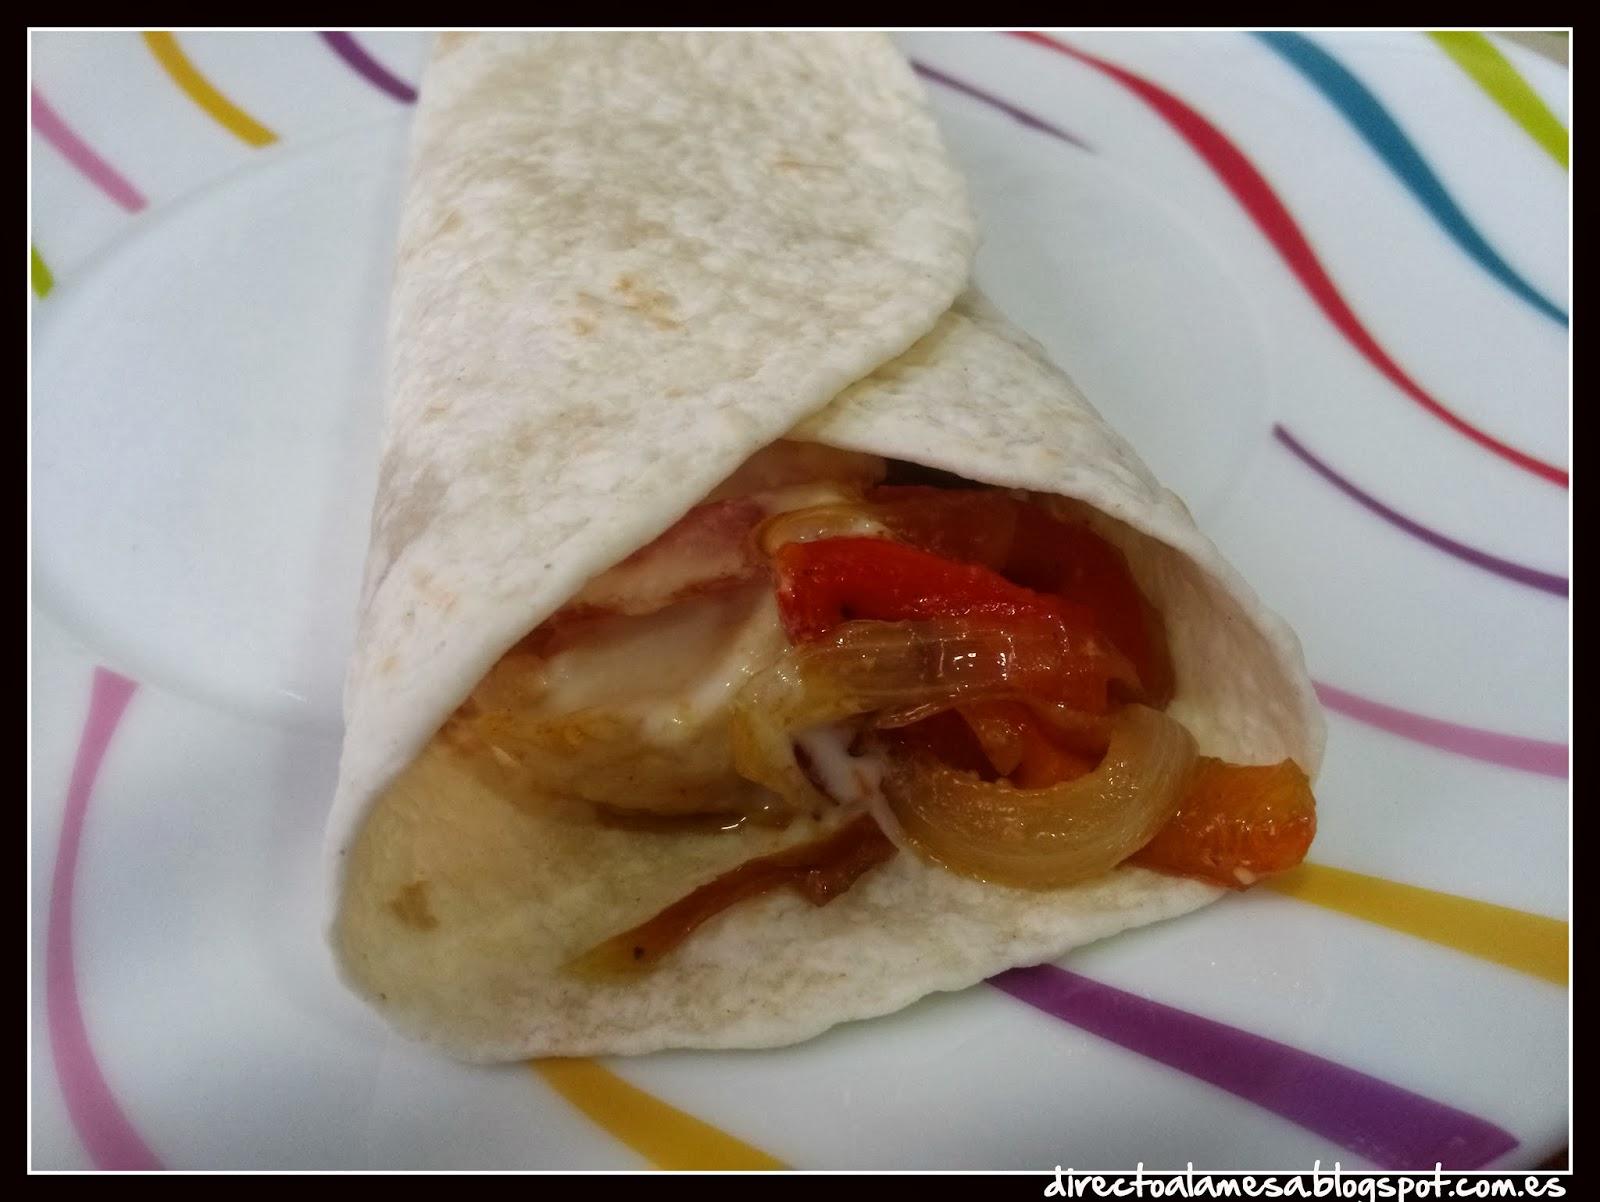 http://directoalamesa.blogspot.com.es/2015/01/comida-mexicana-i-fajitas-de-pollo.html